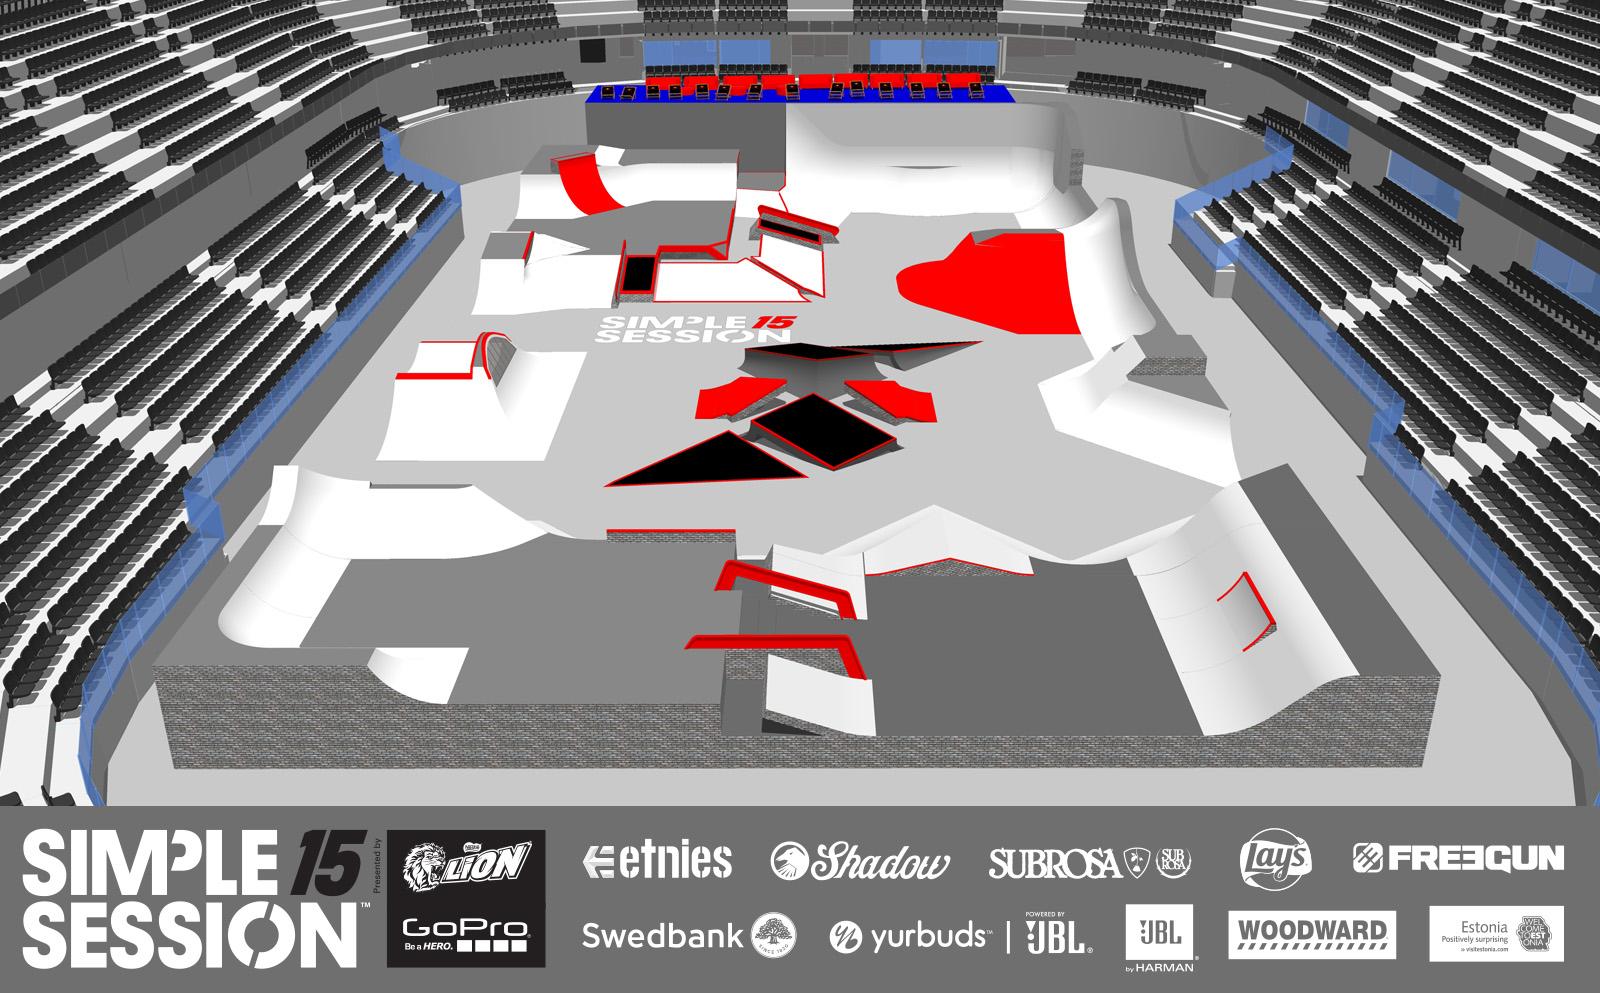 Auch 2015 wurde der Parcours für die Simple Session wieder von der Rampenbaulegende Nate Wessel designt